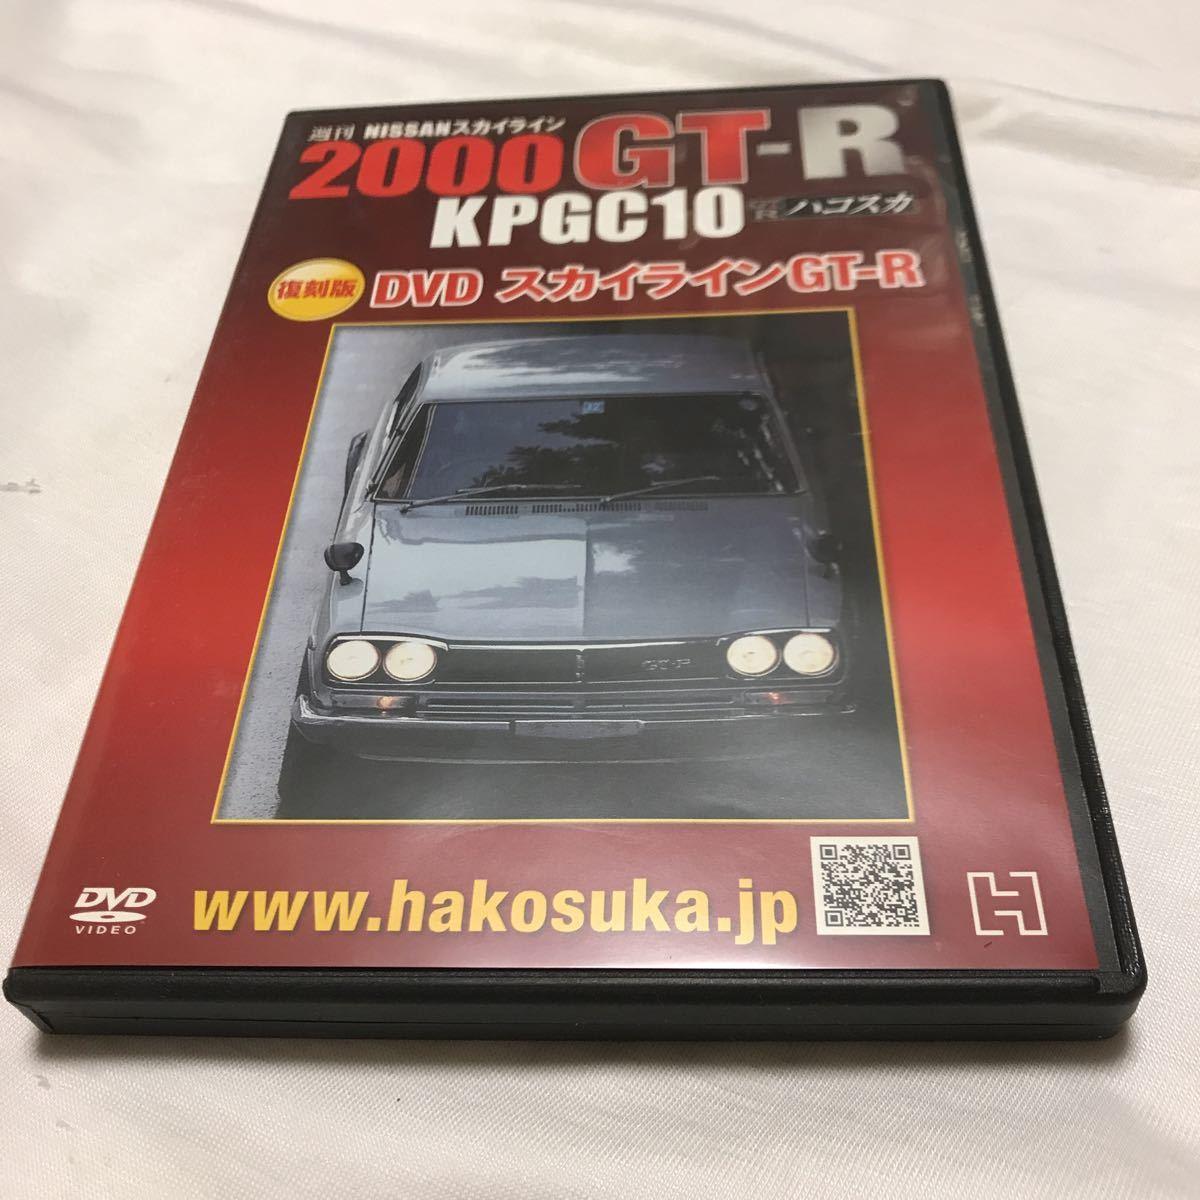 DVD スカイラインGT-R ハコスカ